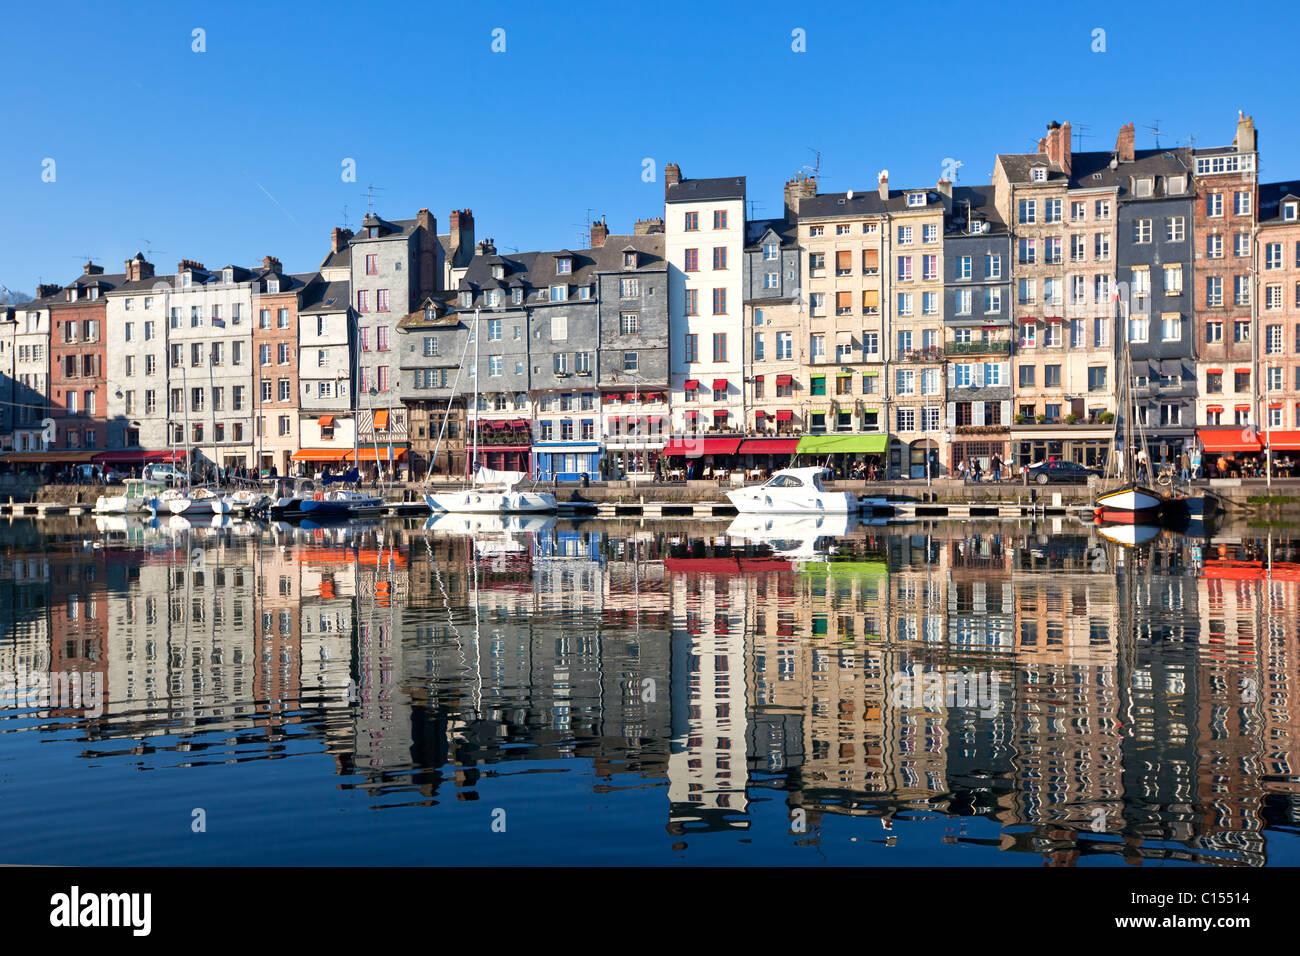 Puerto de Honfleur, en Normandía, Francia. Casas de colores y su reflejo en el agua. Otro Honfleur disparos Imagen De Stock